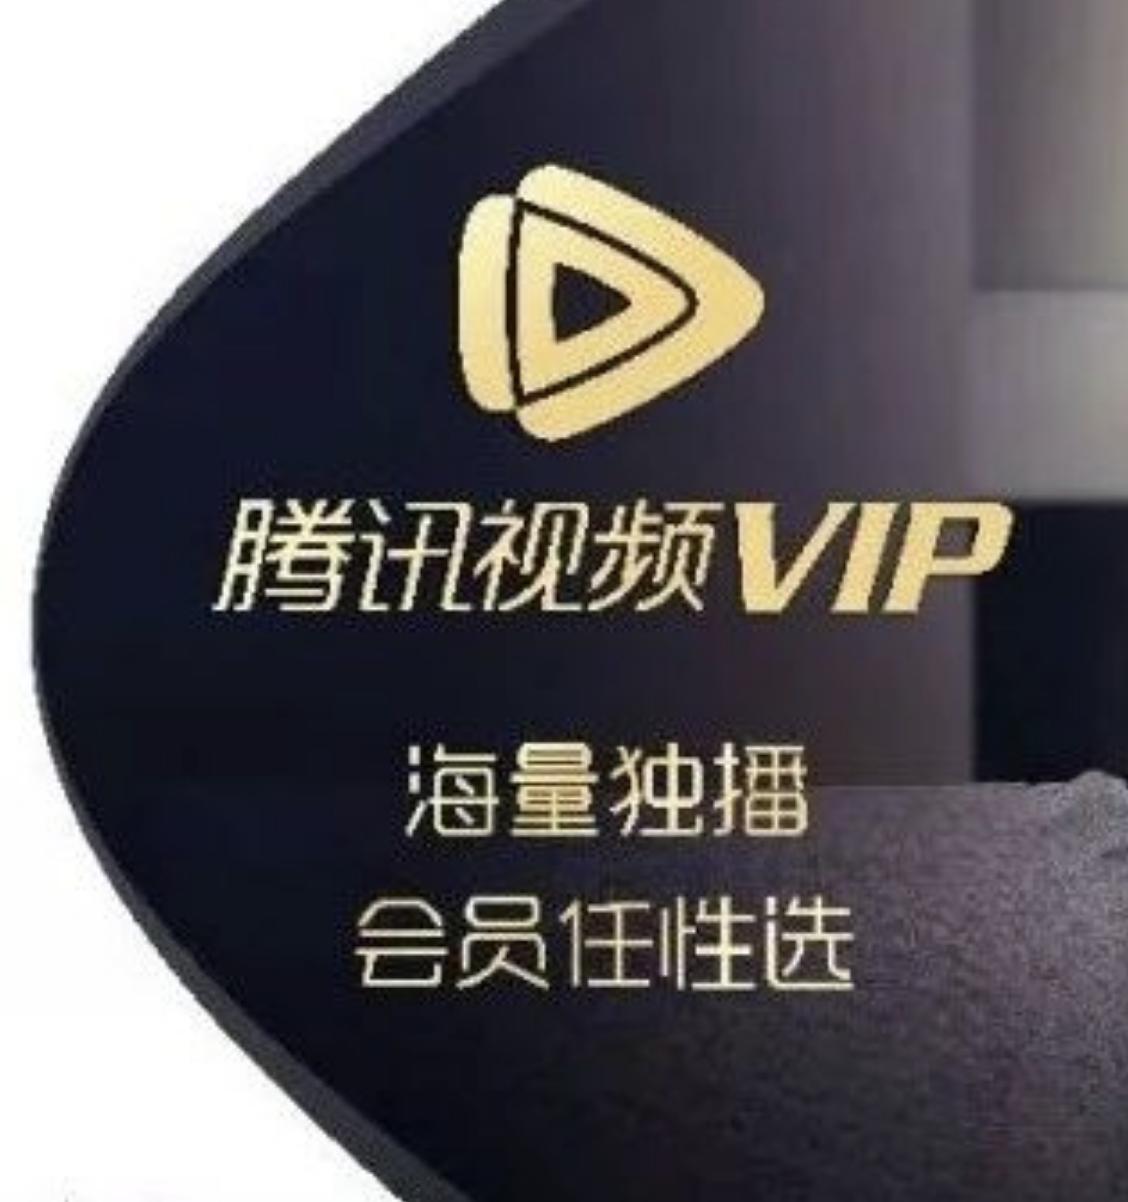 腾讯视频上新VIP代言人,折射出哪些会员系统新生态?